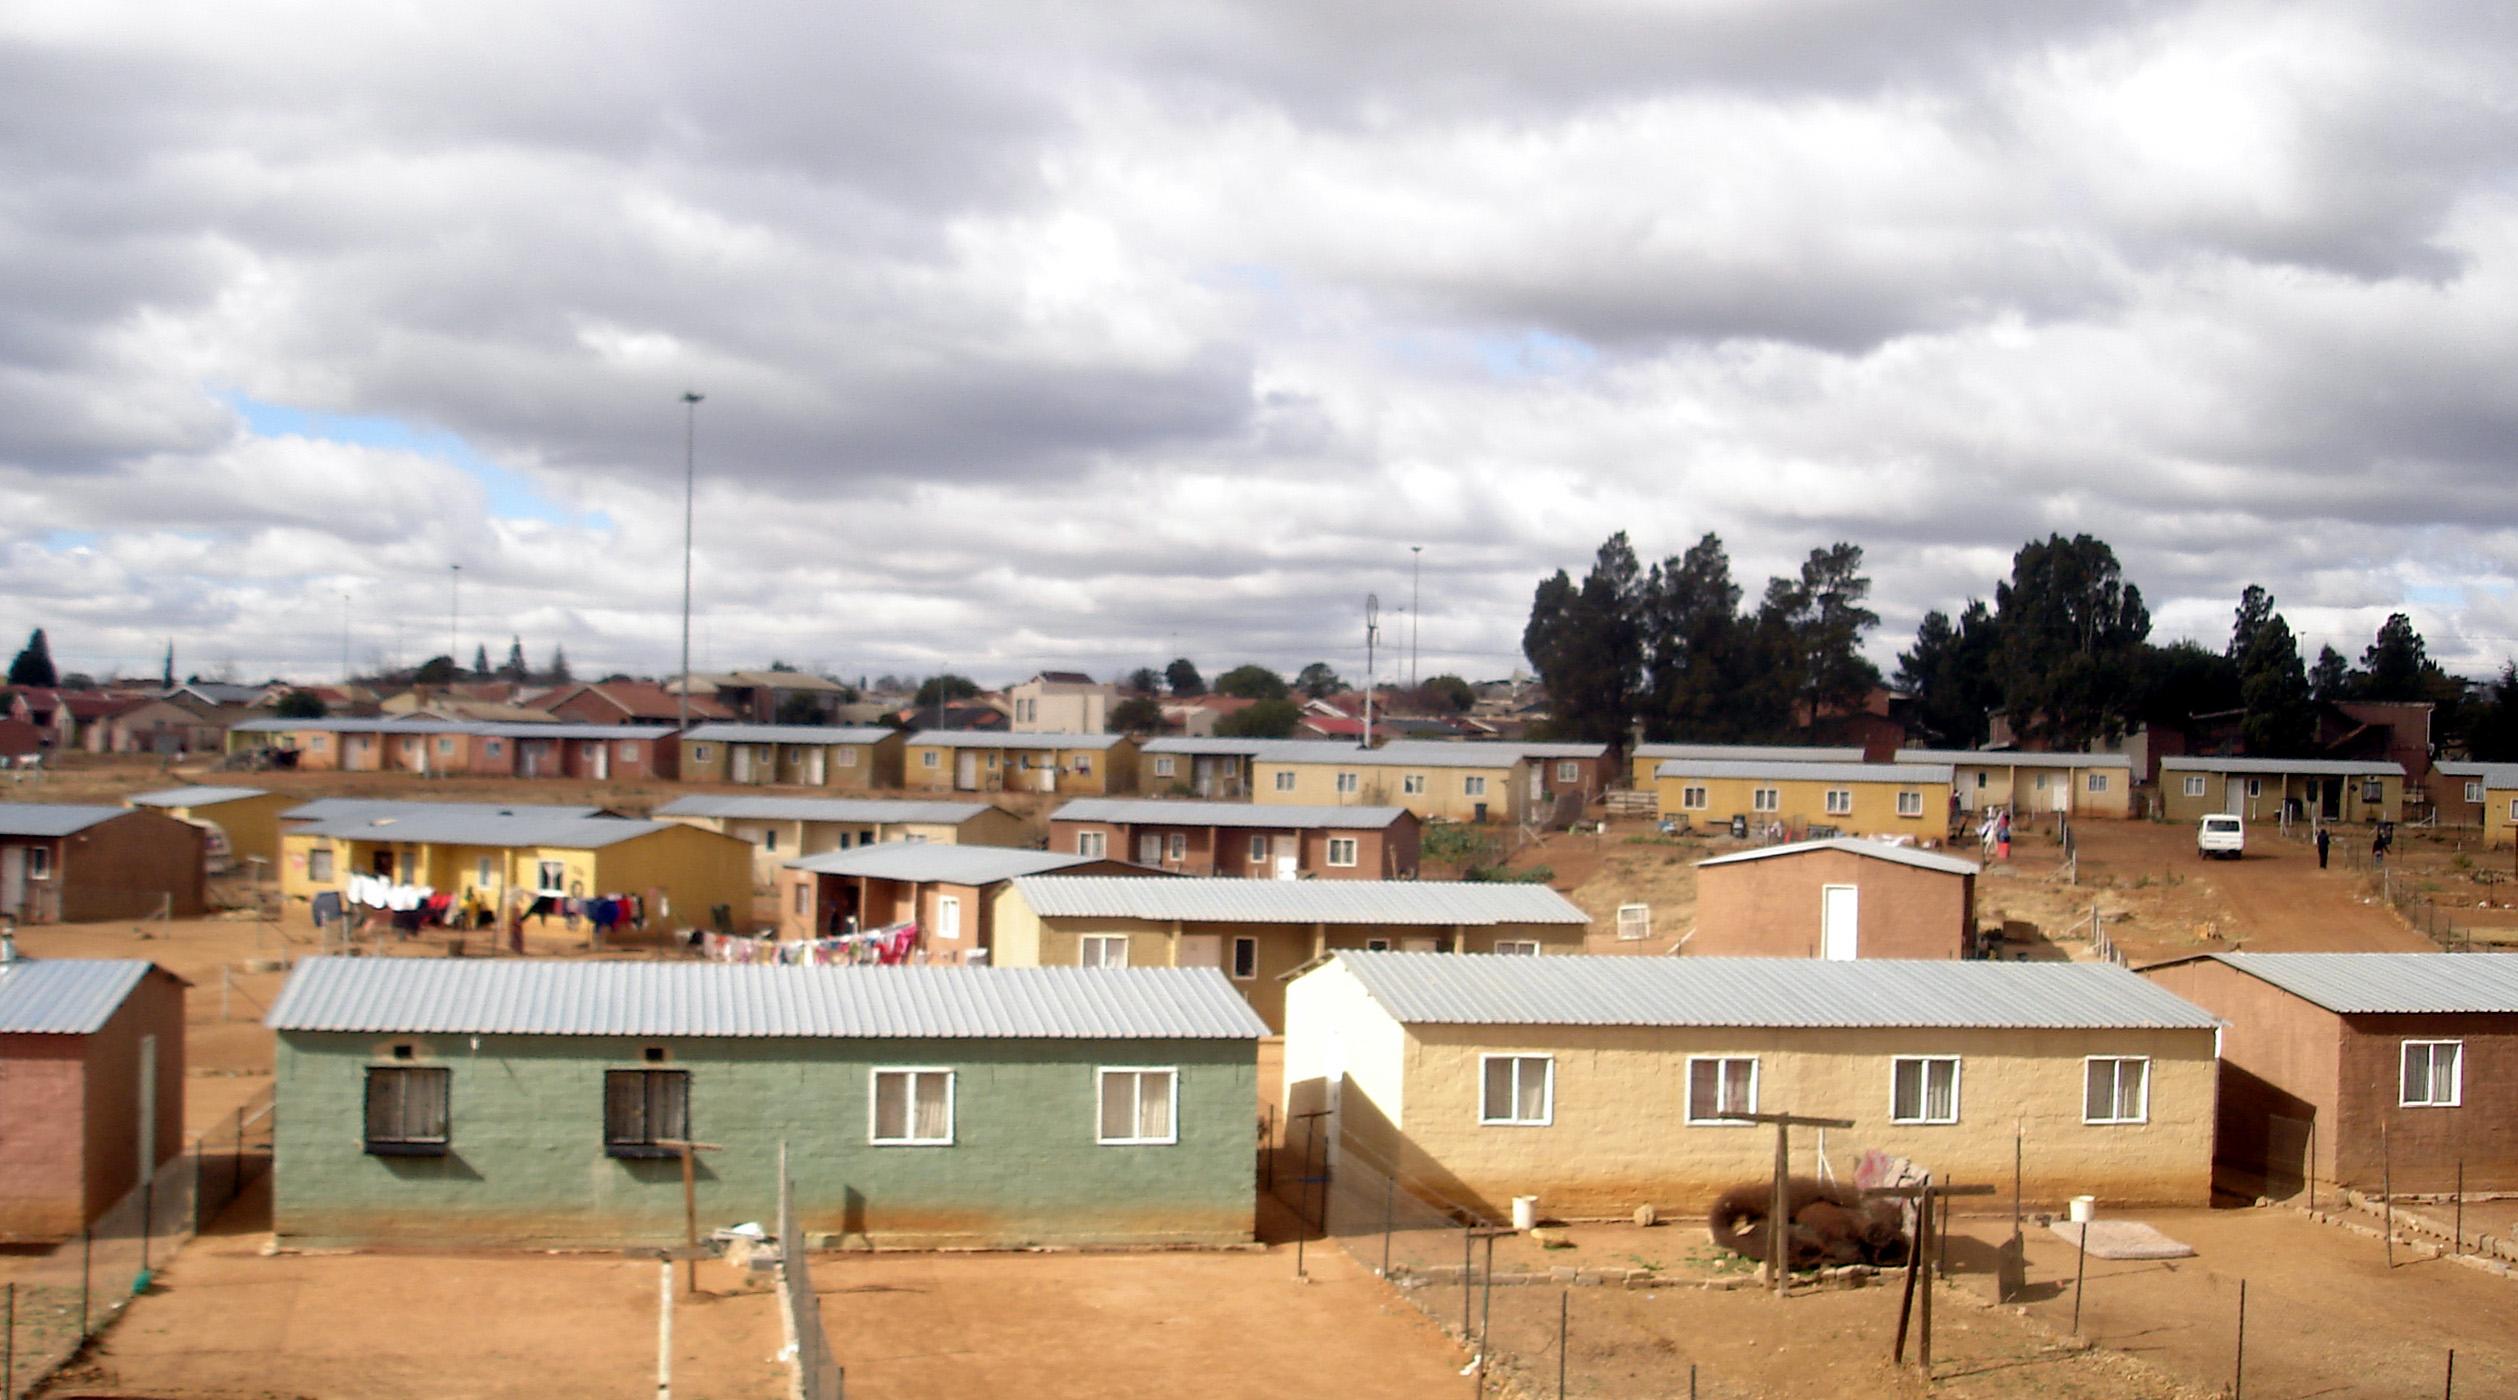 Дома, построенные по Программе реконструкции и развития (RDP Houses), в Соуэто — группе поселений на юго-западной окраине Йоханнесбурга